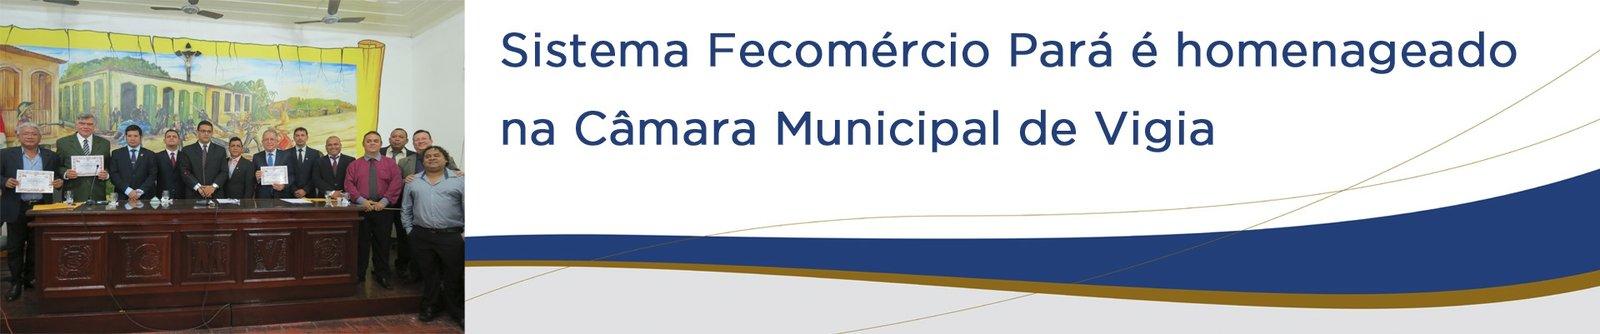 Sistema Fecomércio Pará é homenageado na Câmara Municipal de Vigia